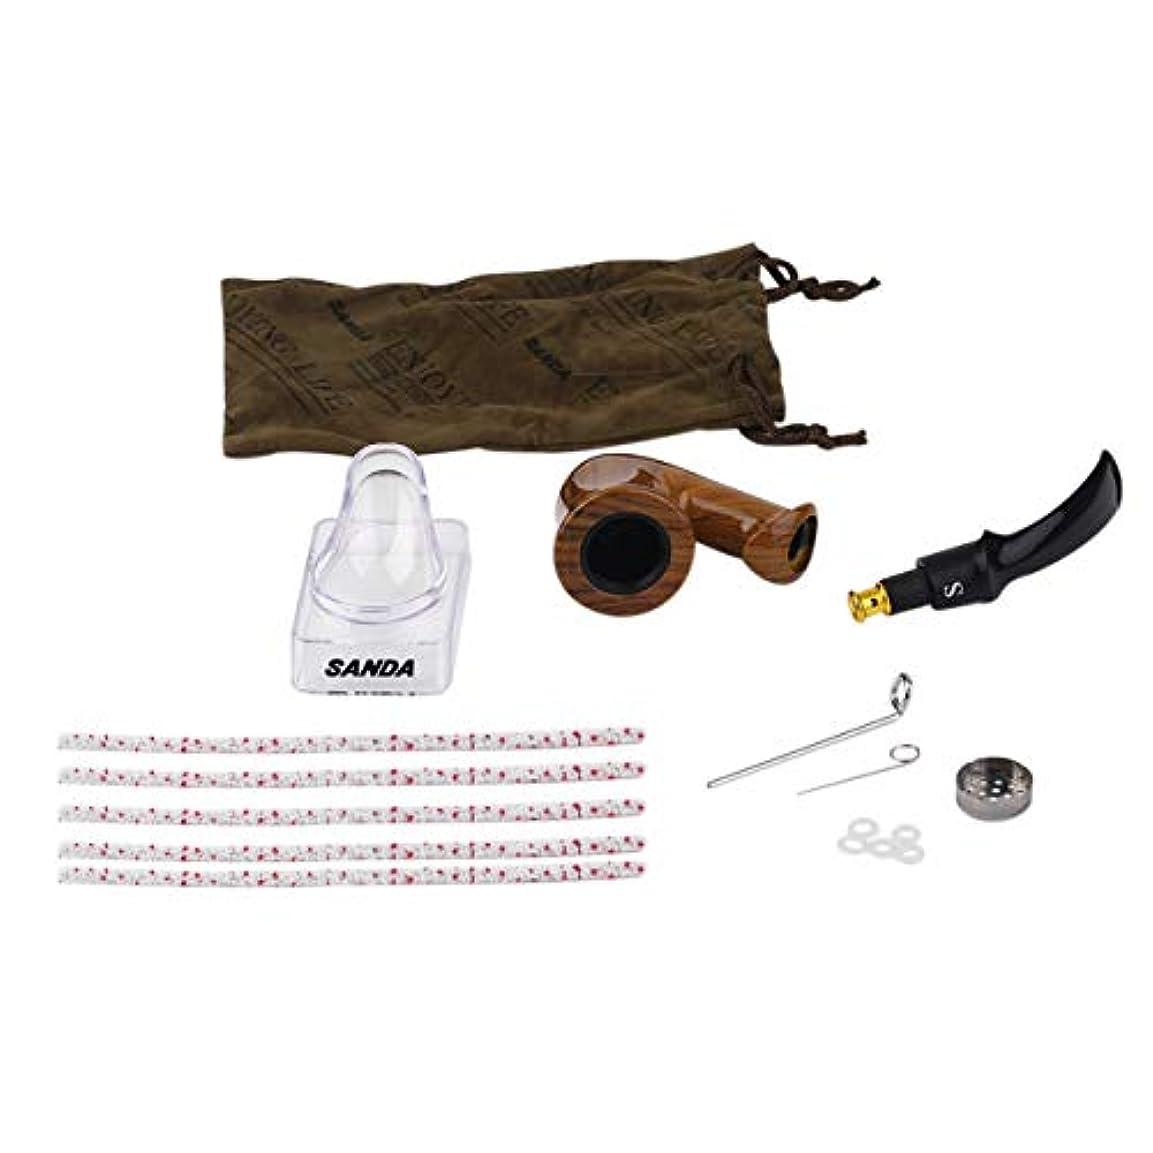 ラッシュプレフィックス食べるSaikogoods 耐久性のある喫煙パイプ木製パイプ煙喫煙木製の喫煙パイプの雑草パイプ男性のための最高の贈り物2色 褐色